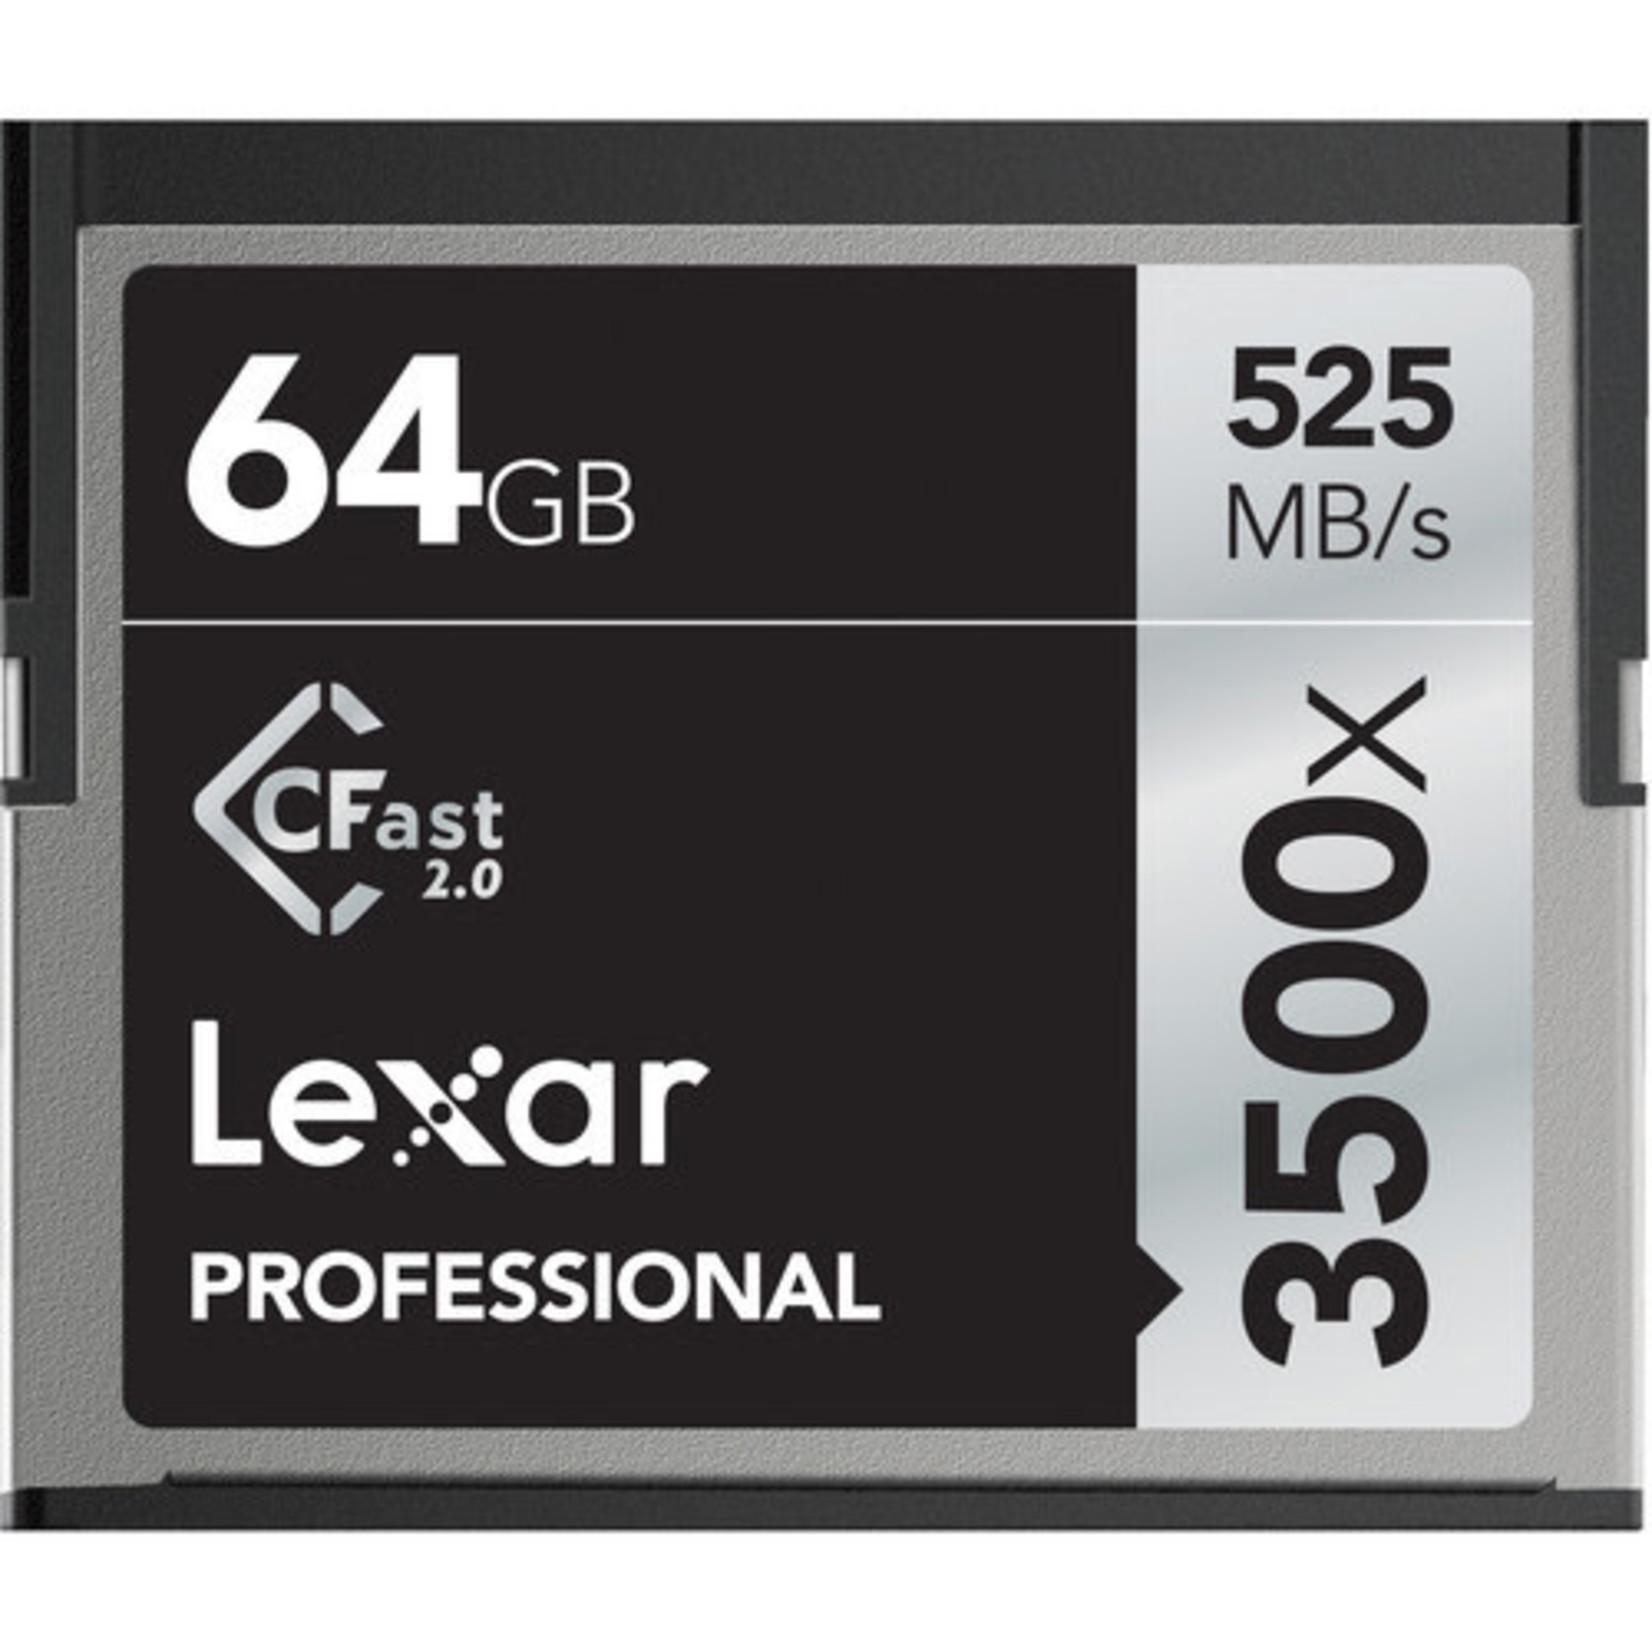 Lexar Lexar 3500x CFast 64GB Memory Card